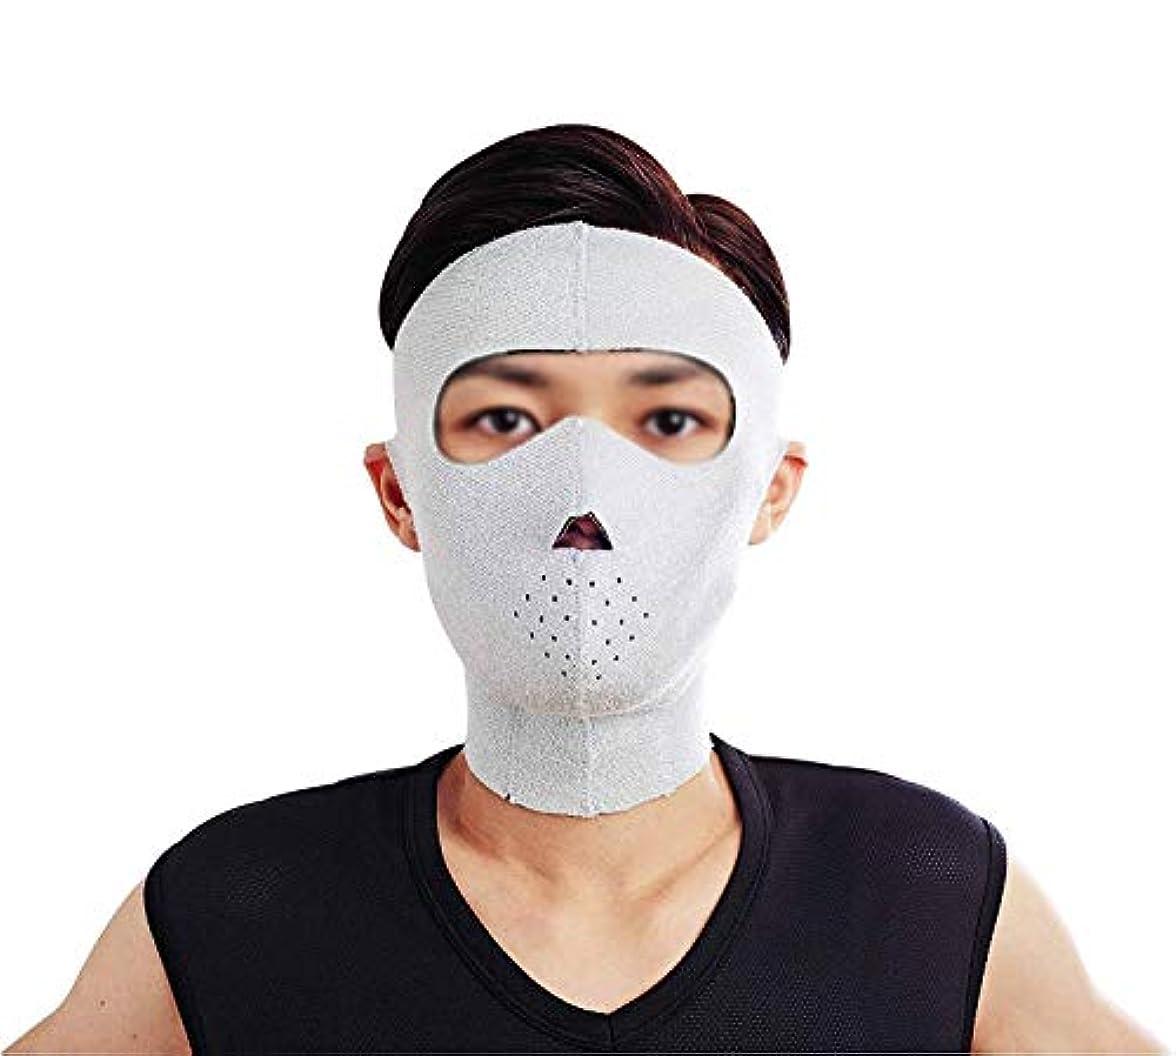 うるさい前文求人フェイスリフトマスク、フェイシャルマスクプラス薄いフェイスマスクタイトなたるみの薄いフェイスマスクフェイシャル薄いフェイスマスクアーティファクトビューティー男性ネックストラップ付き